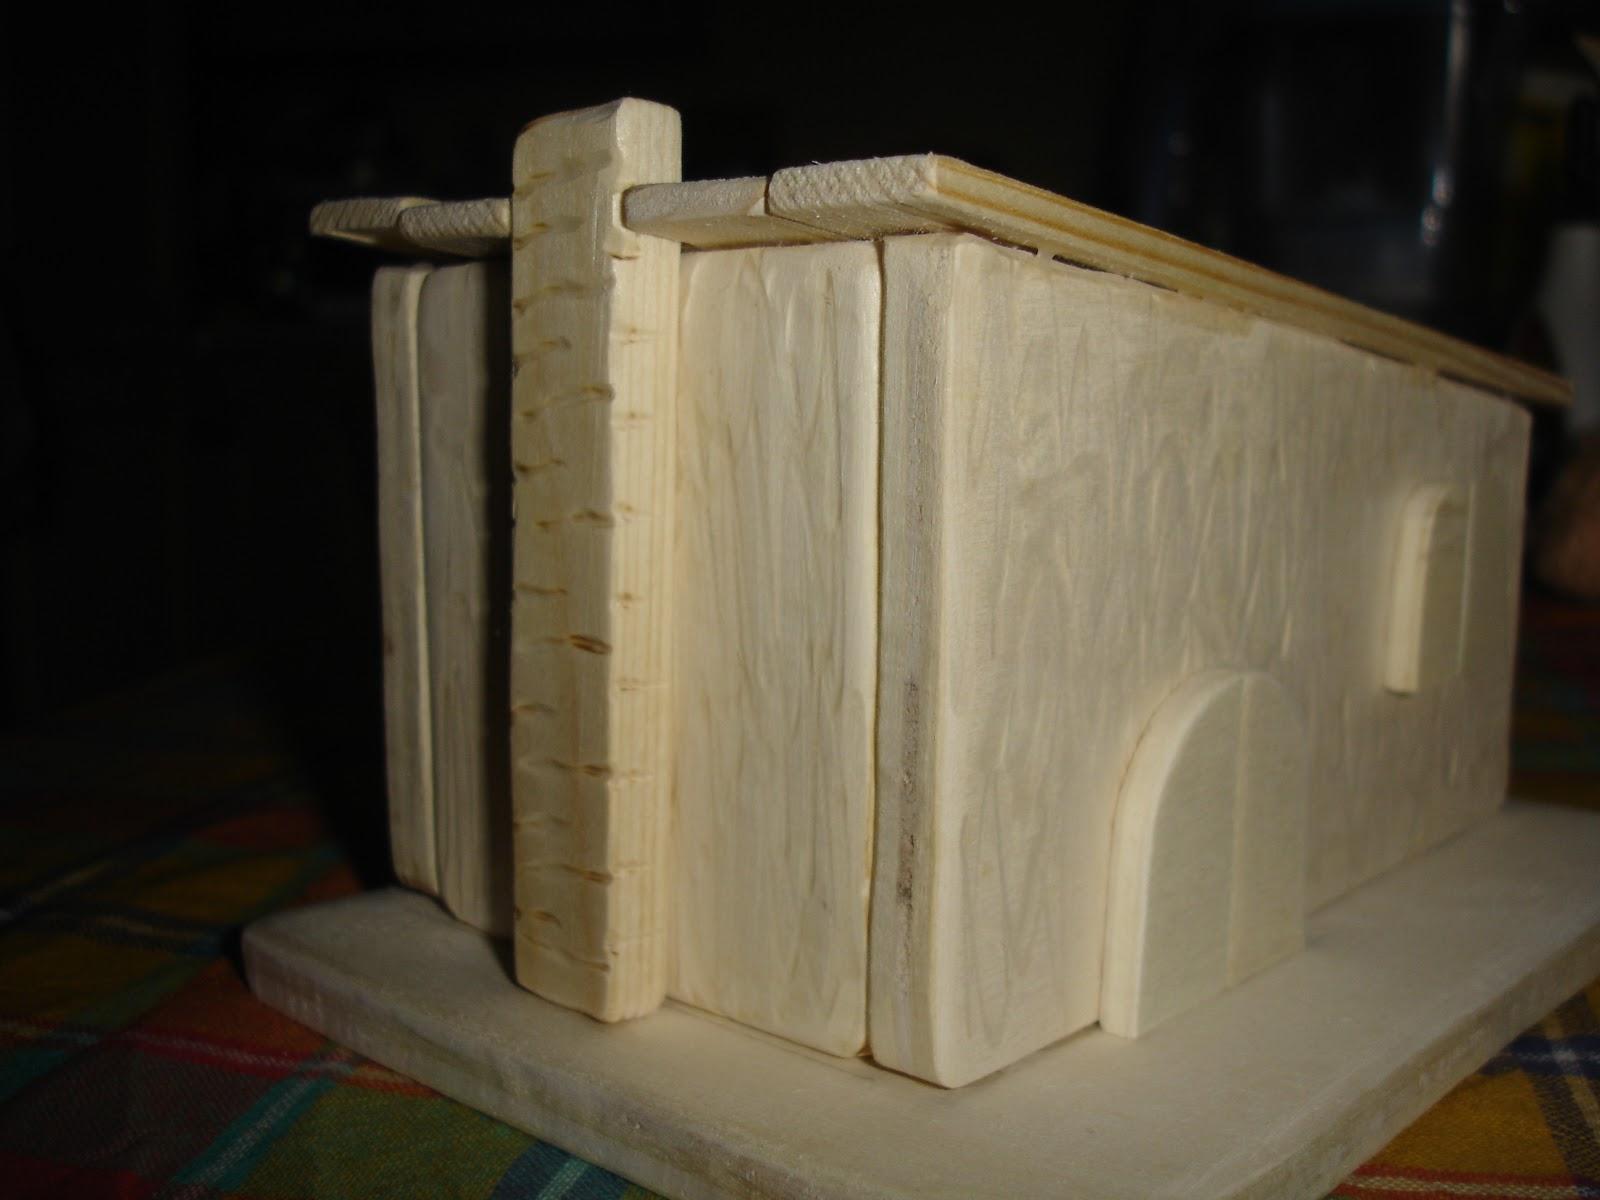 Luca ely creazioni casetta di legno da colorare for Planimetrie semplici della casetta di legno